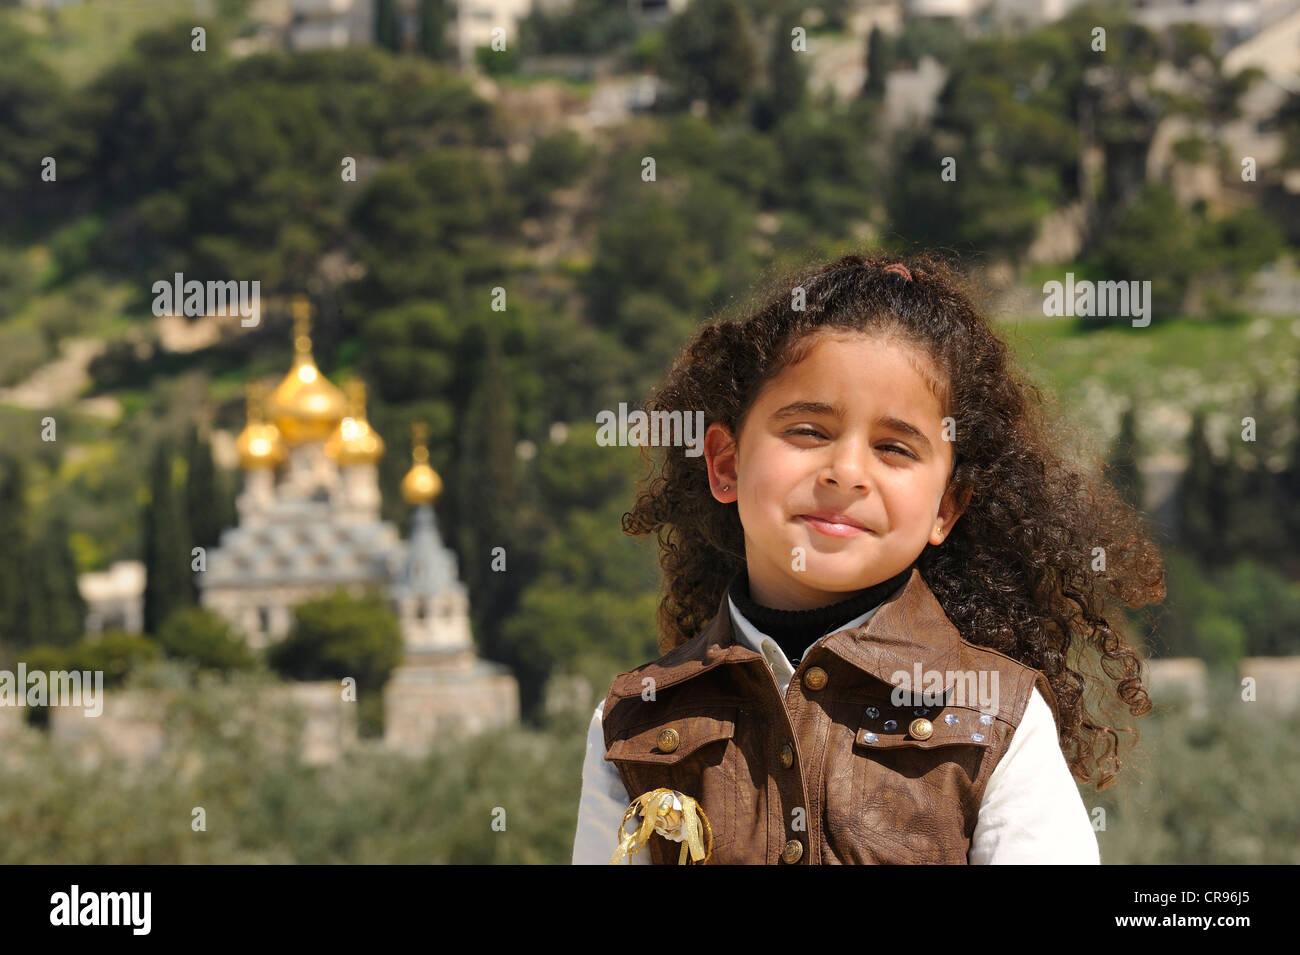 La diversité religieuse, fille israélo-palestinienne sur le mont du Temple, l'Église orthodoxe Photo Stock